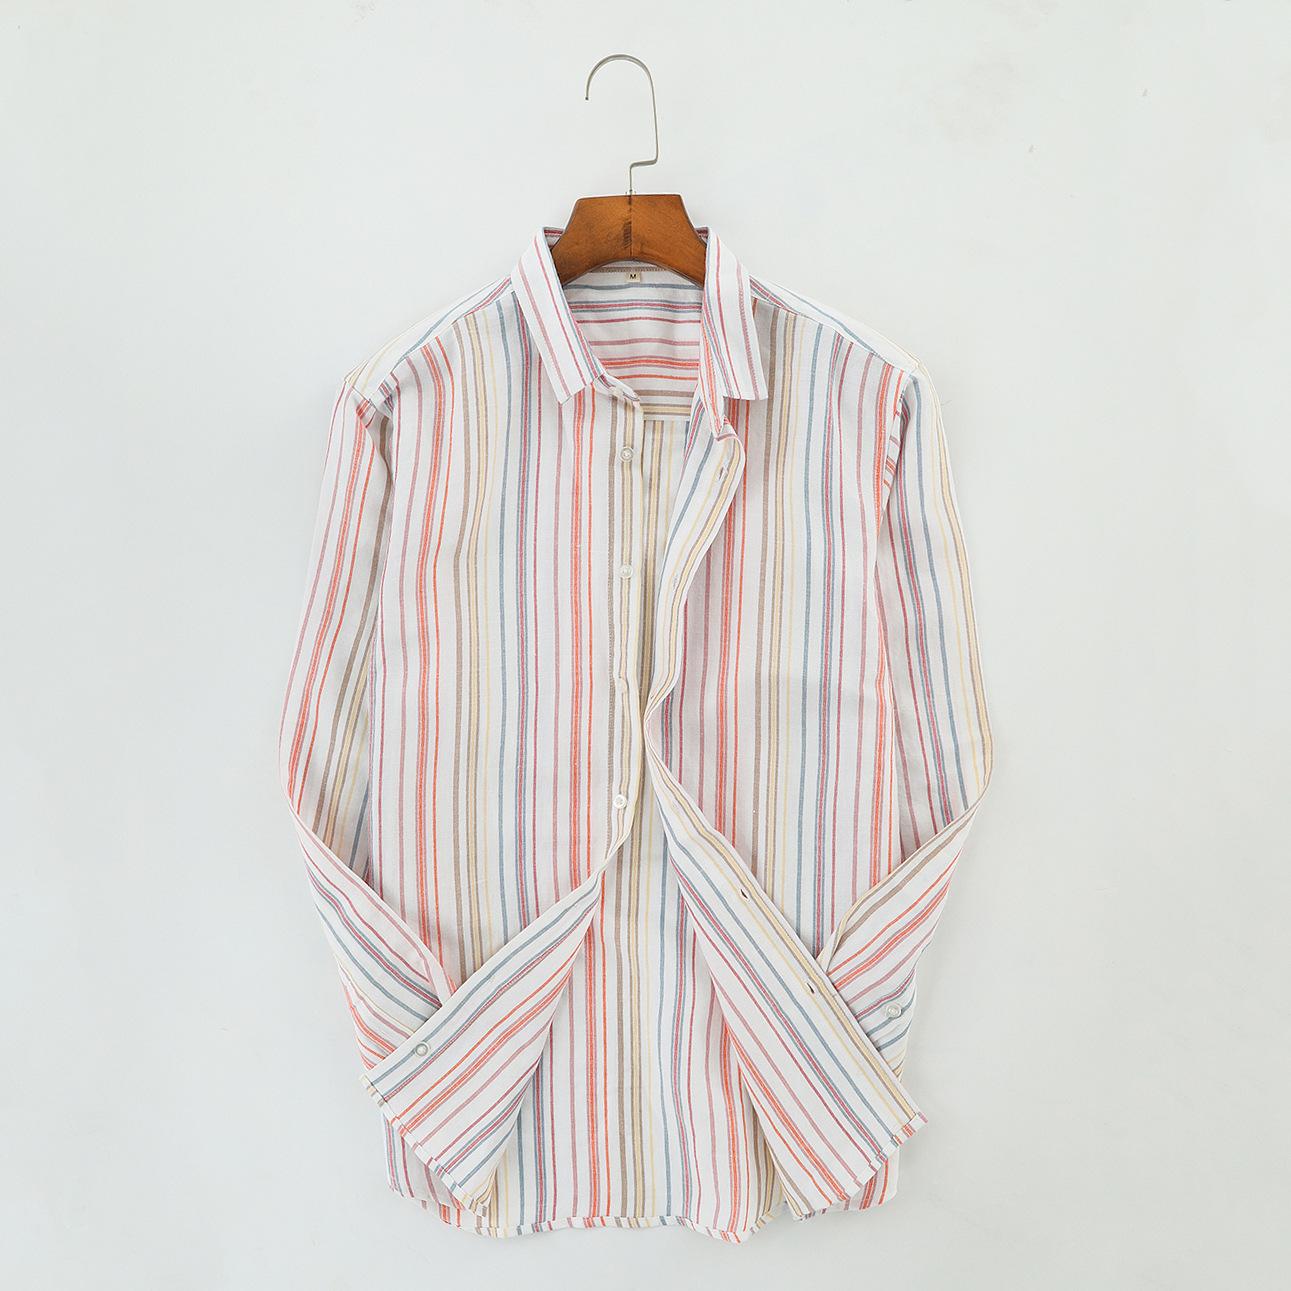 MAKE tay dài Mak 19 mùa xuân và hè mới áo sơ mi vải lanh nam tươi sọc dài tay áo sơ mi vải lanh Nhật